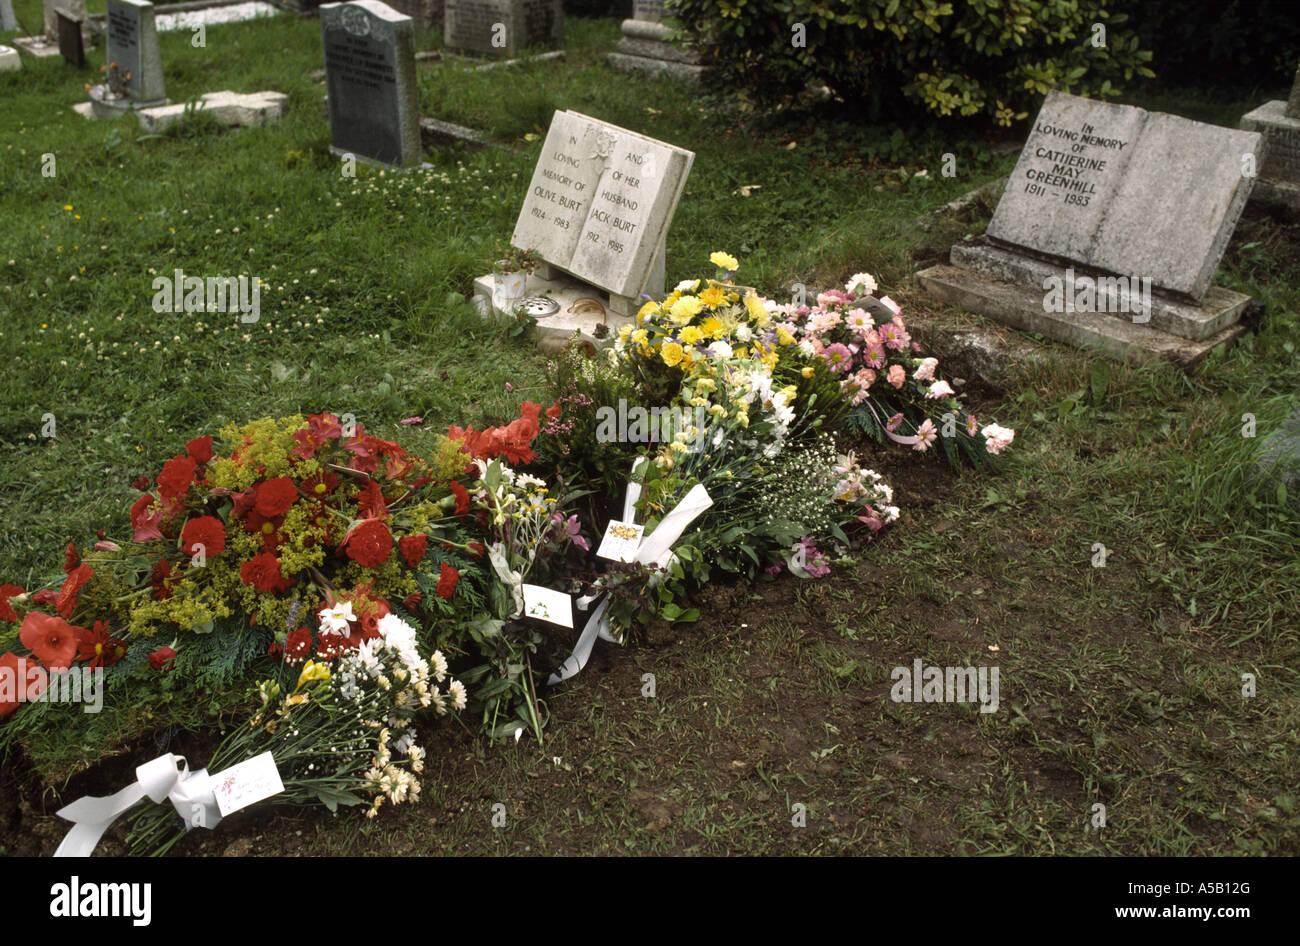 New Grave Stock Photo - Image: 5437160